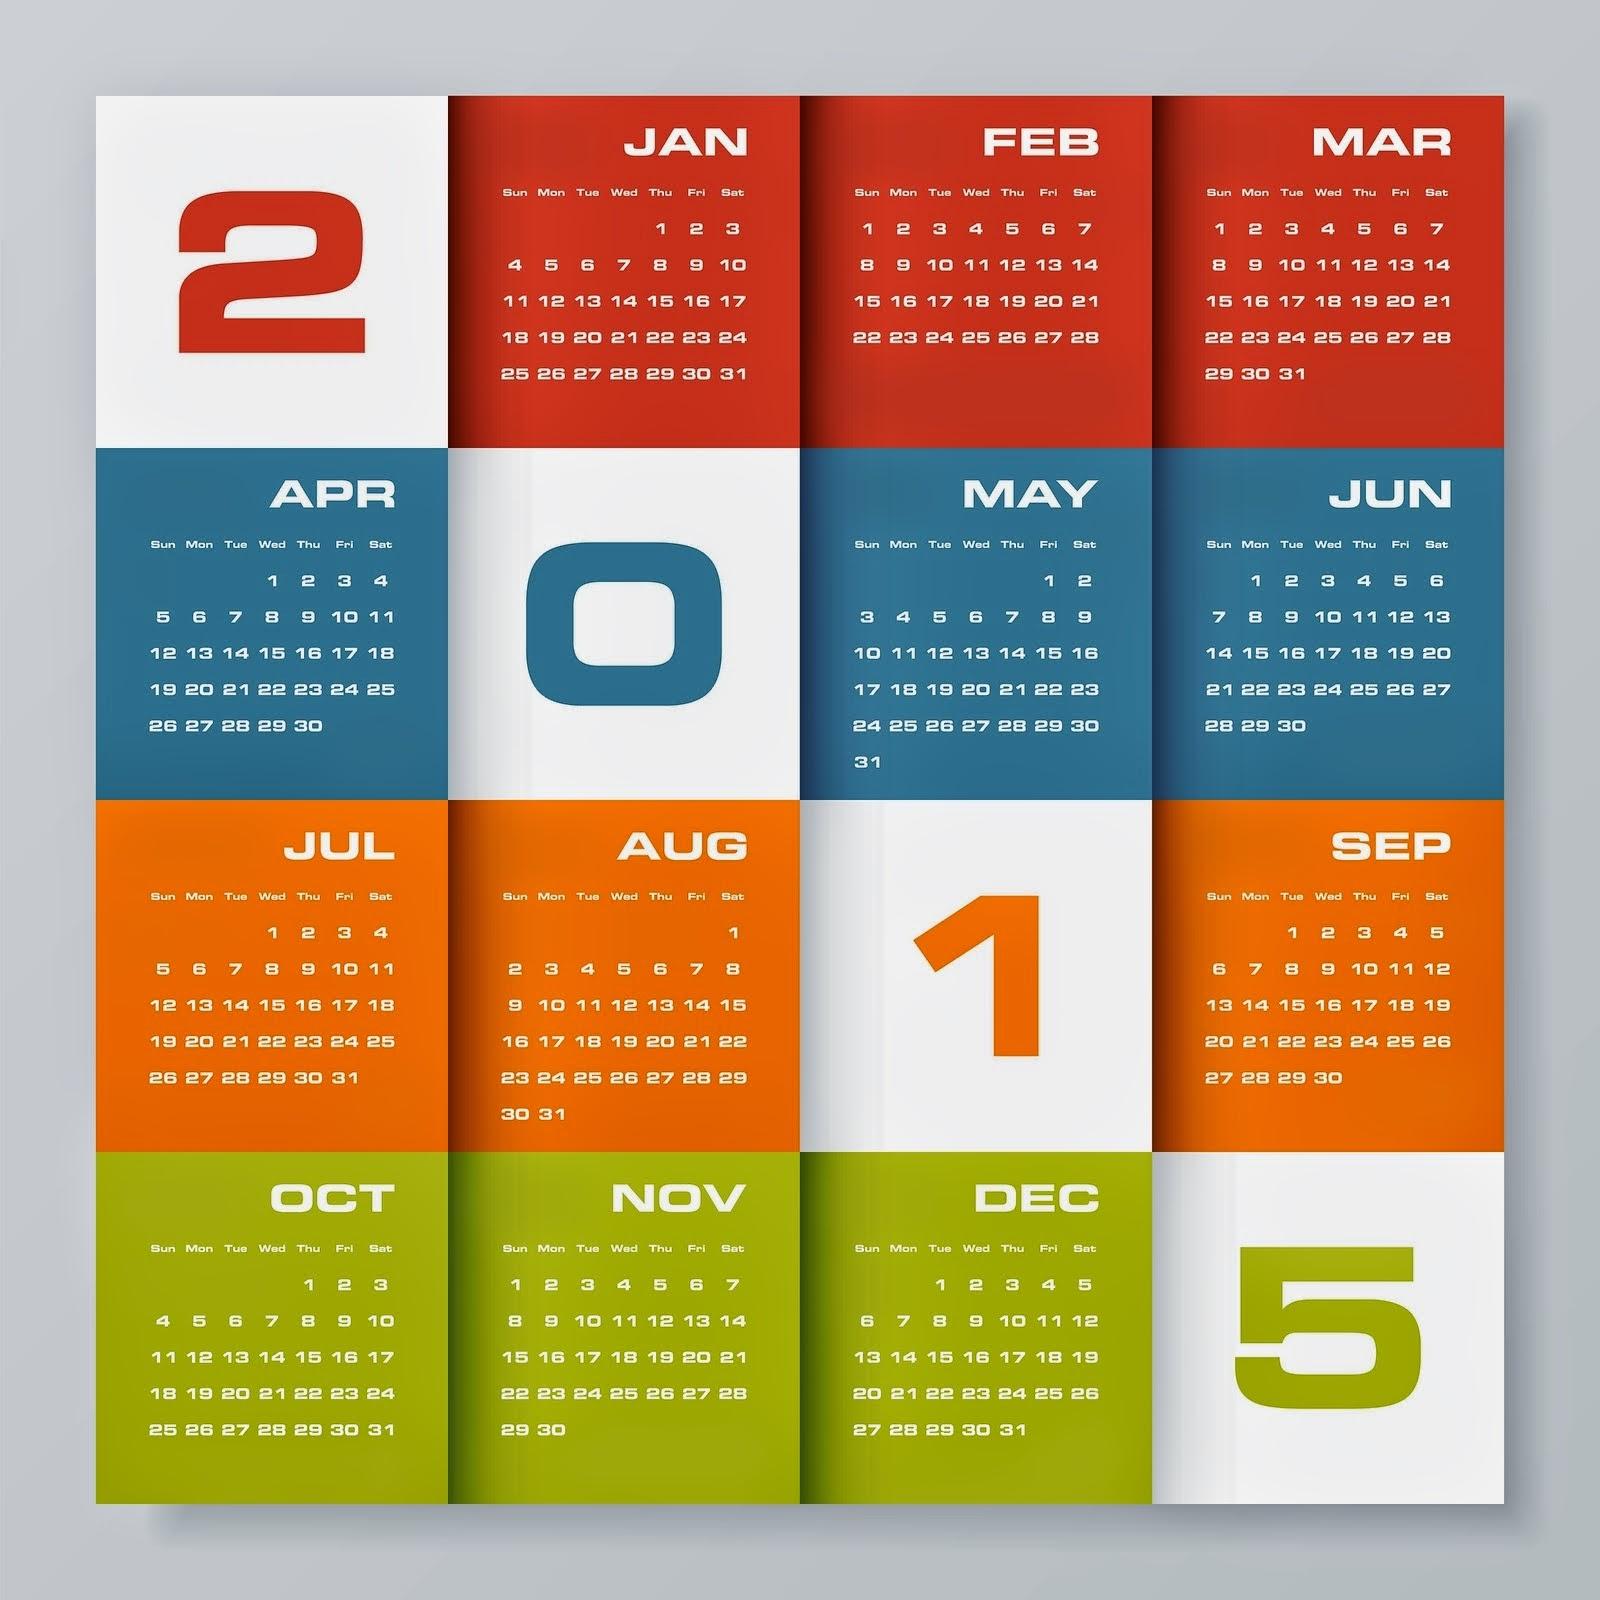 2015 hindu calendar | April 21, 2015 Hindu Panchangam (Tithi